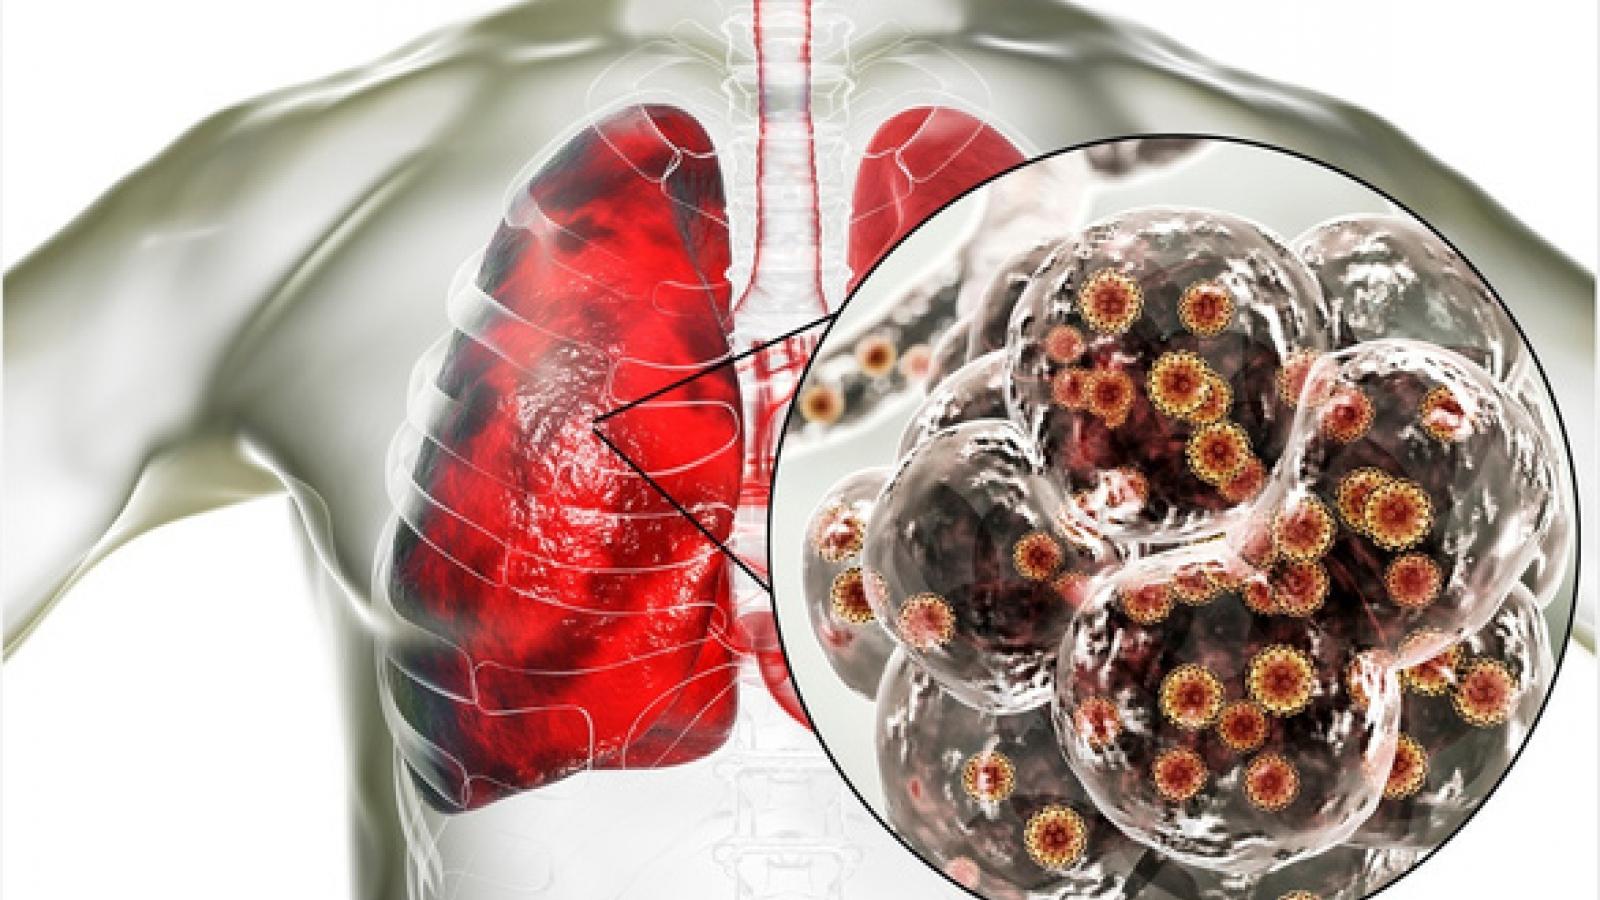 Chuyên gia WHO: Tốc độ lây lan của virus SARS-CoV-2 trên toàn thế giới đang chậm lại